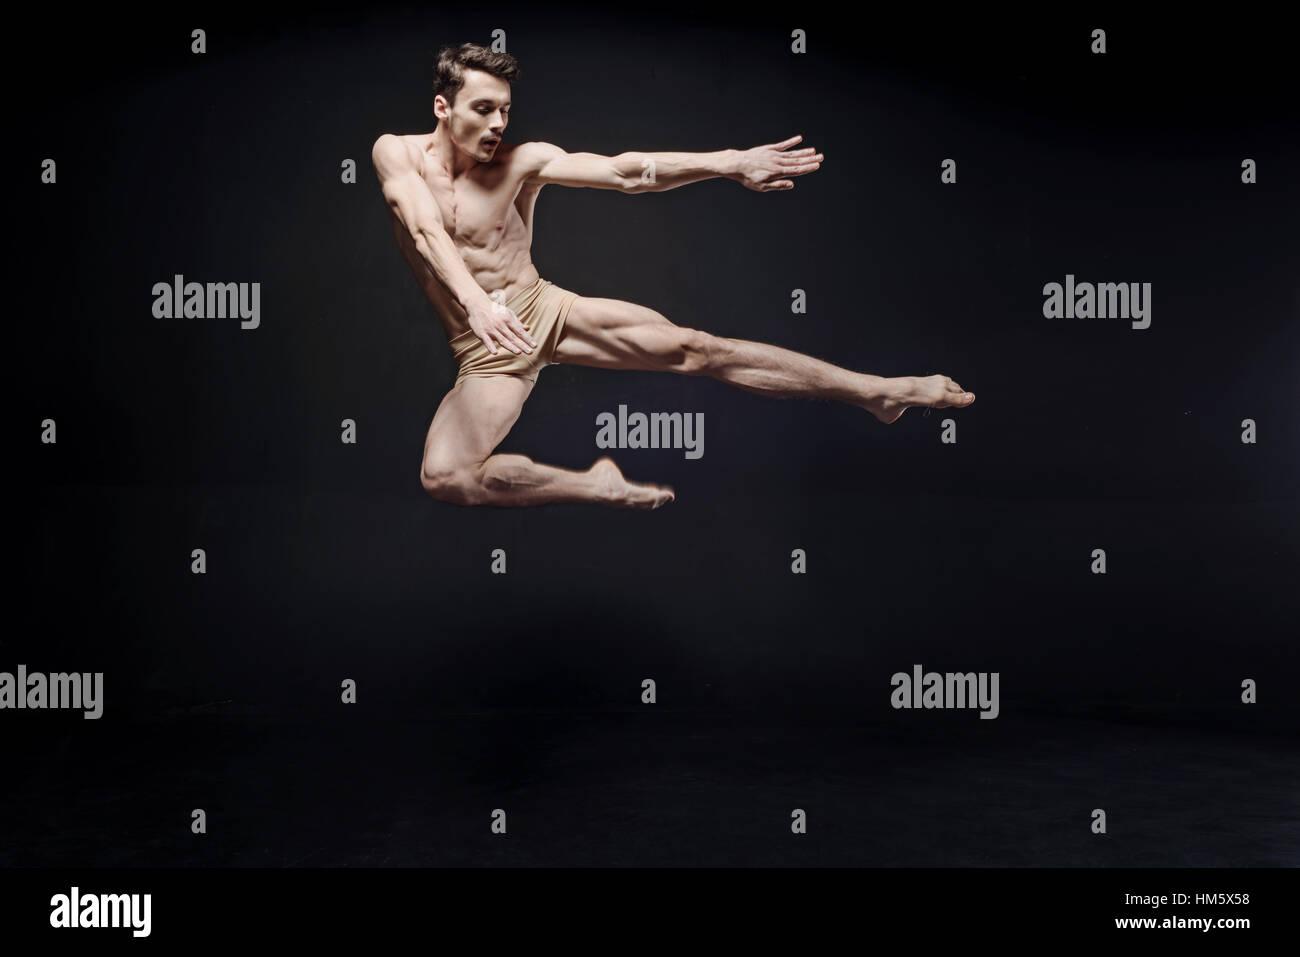 Bailarina de ballet magistral mostrando sus habilidades en el aire Imagen De Stock